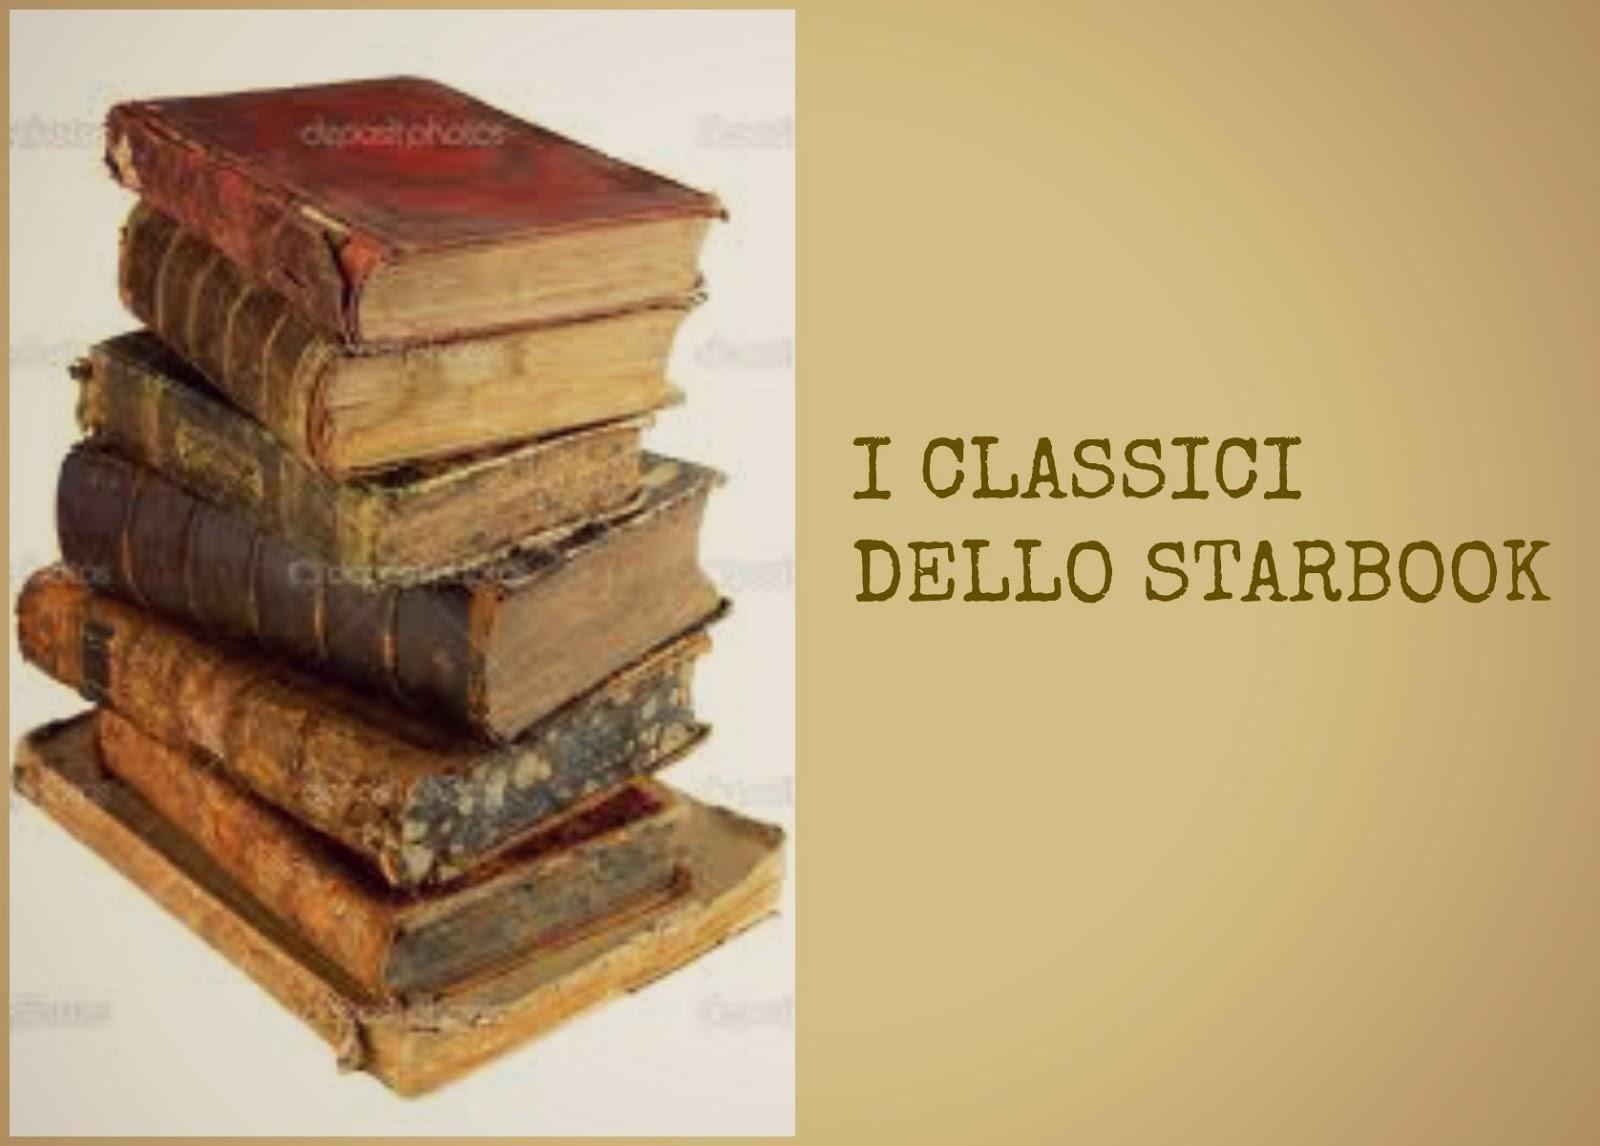 I CLASSICI DELLO STARBOOKS